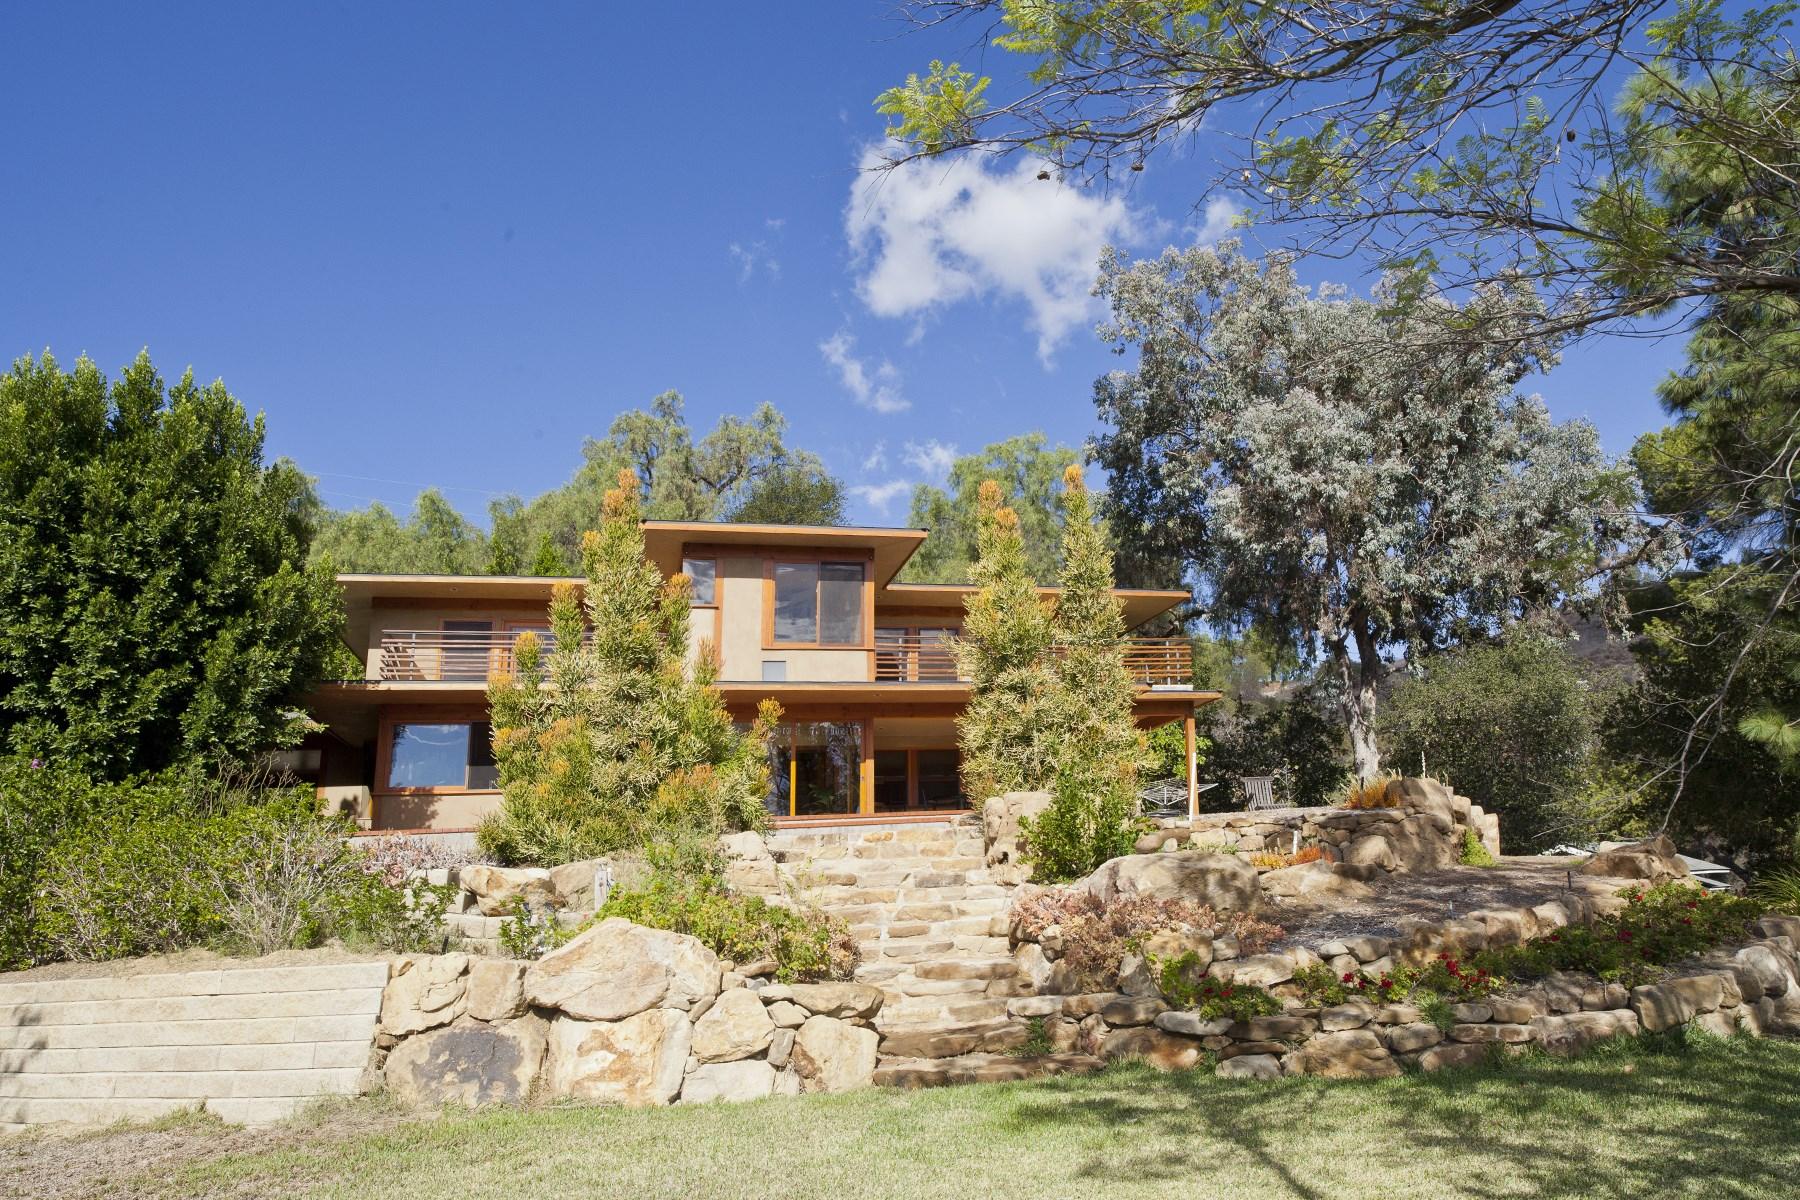 Maison unifamiliale pour l Vente à Craftsman-Style Compound 2778 Halsey Road Topanga, Californie, 90290 États-Unis